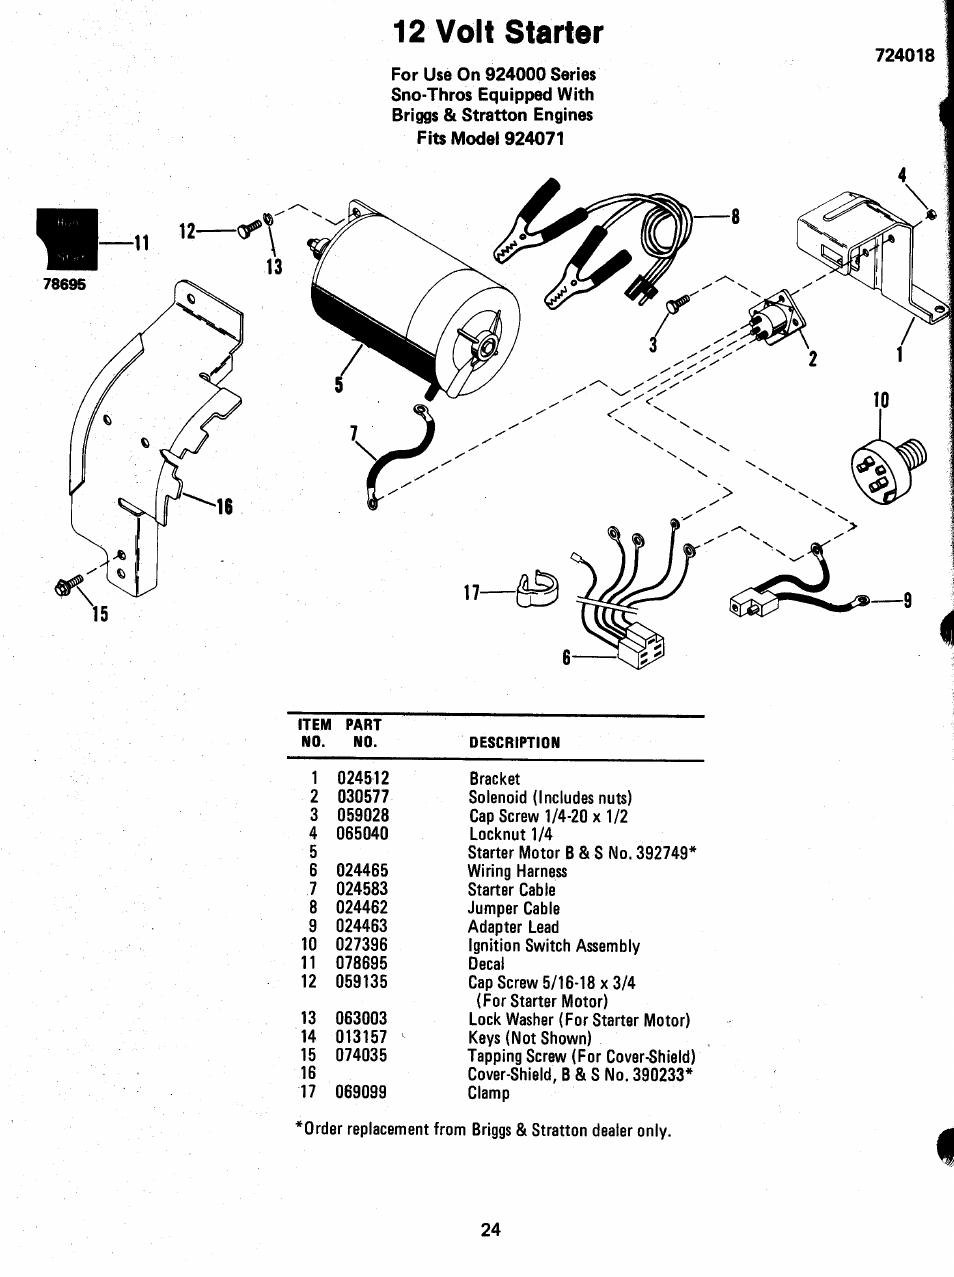 12 volt starter motor ledningsdiagram